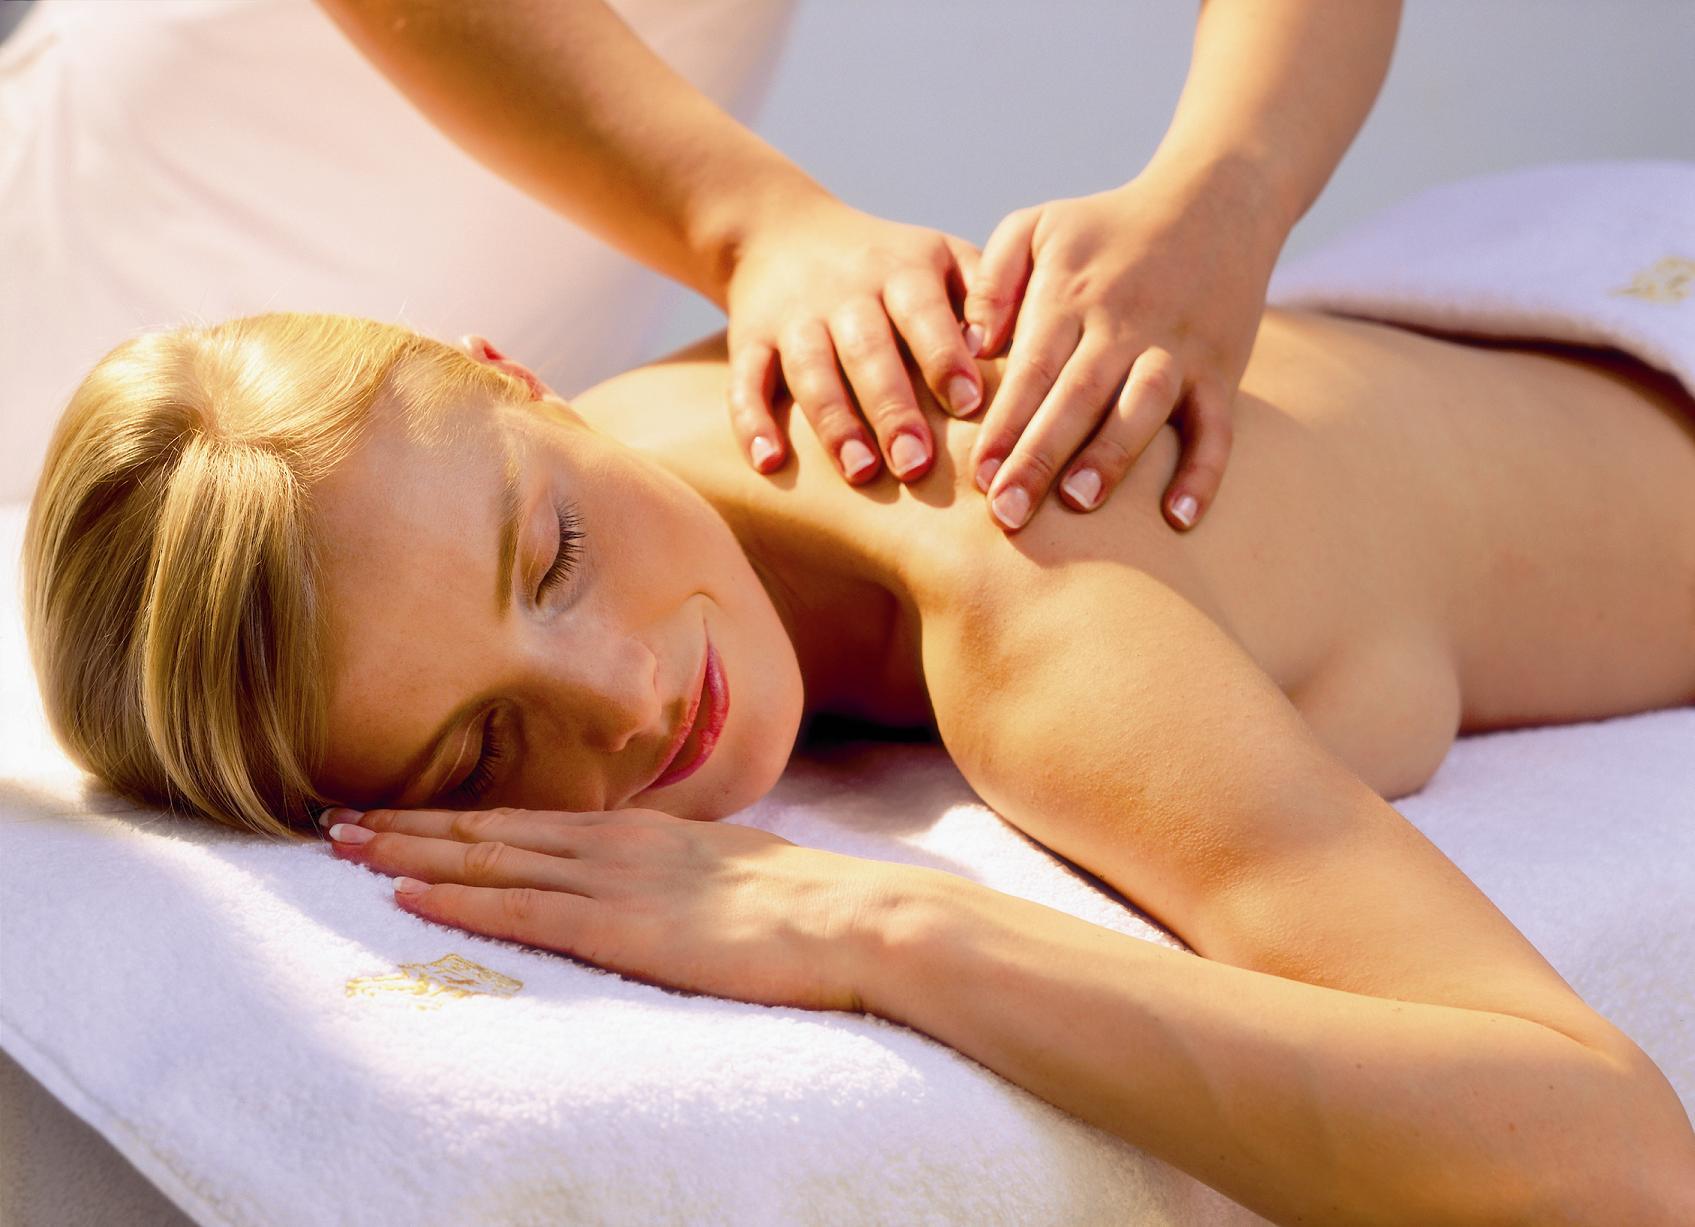 svenska eskorttjejer massage i norrköping